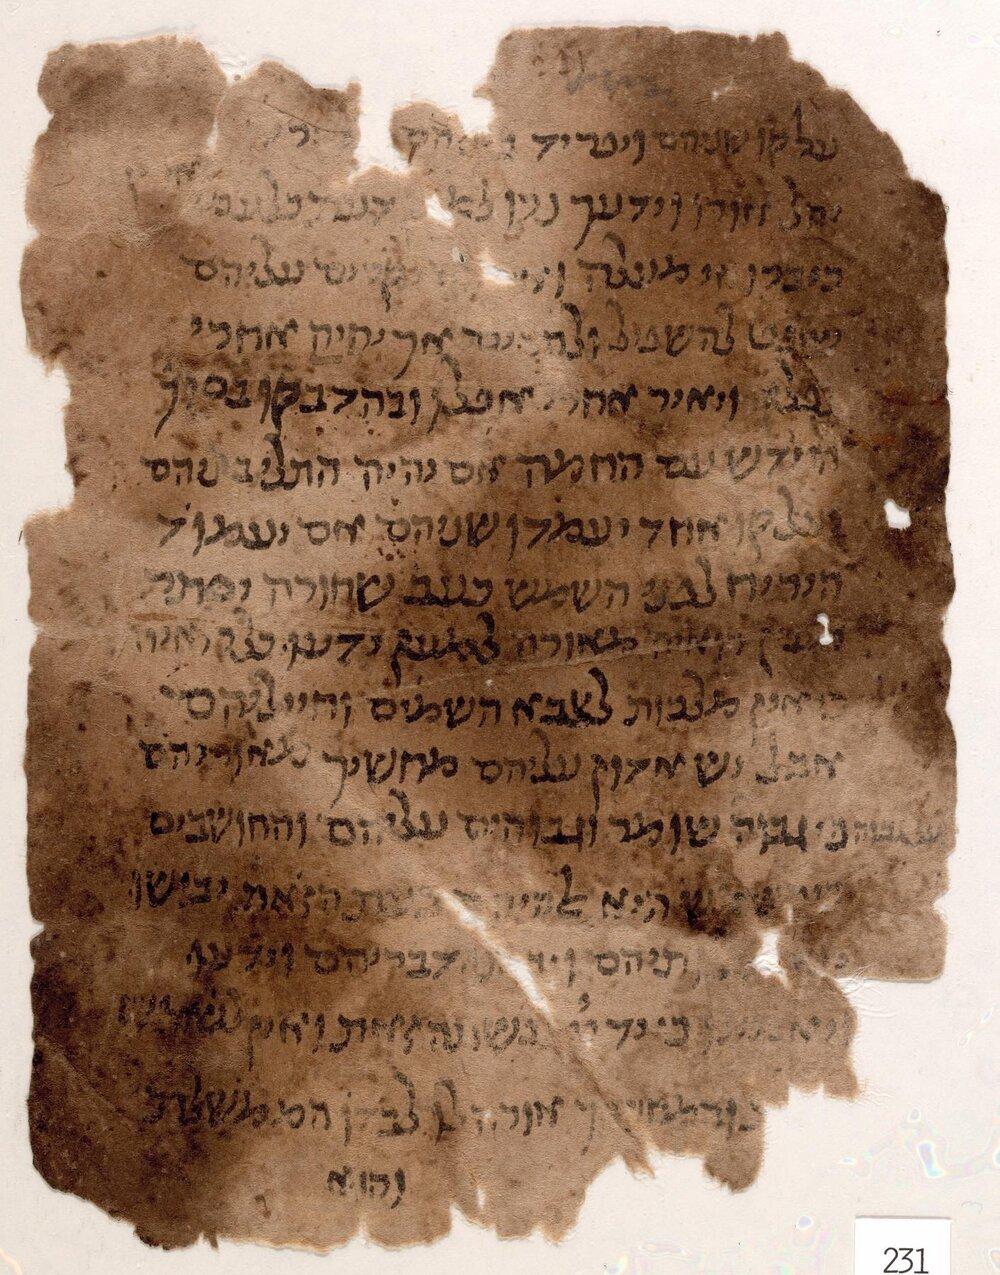 Fragment  Keter Malchut  pochodzący z materiałów odnalezionych w genizie w Kairze. Prawdopodobnie z XII w. Z  biblioteki .